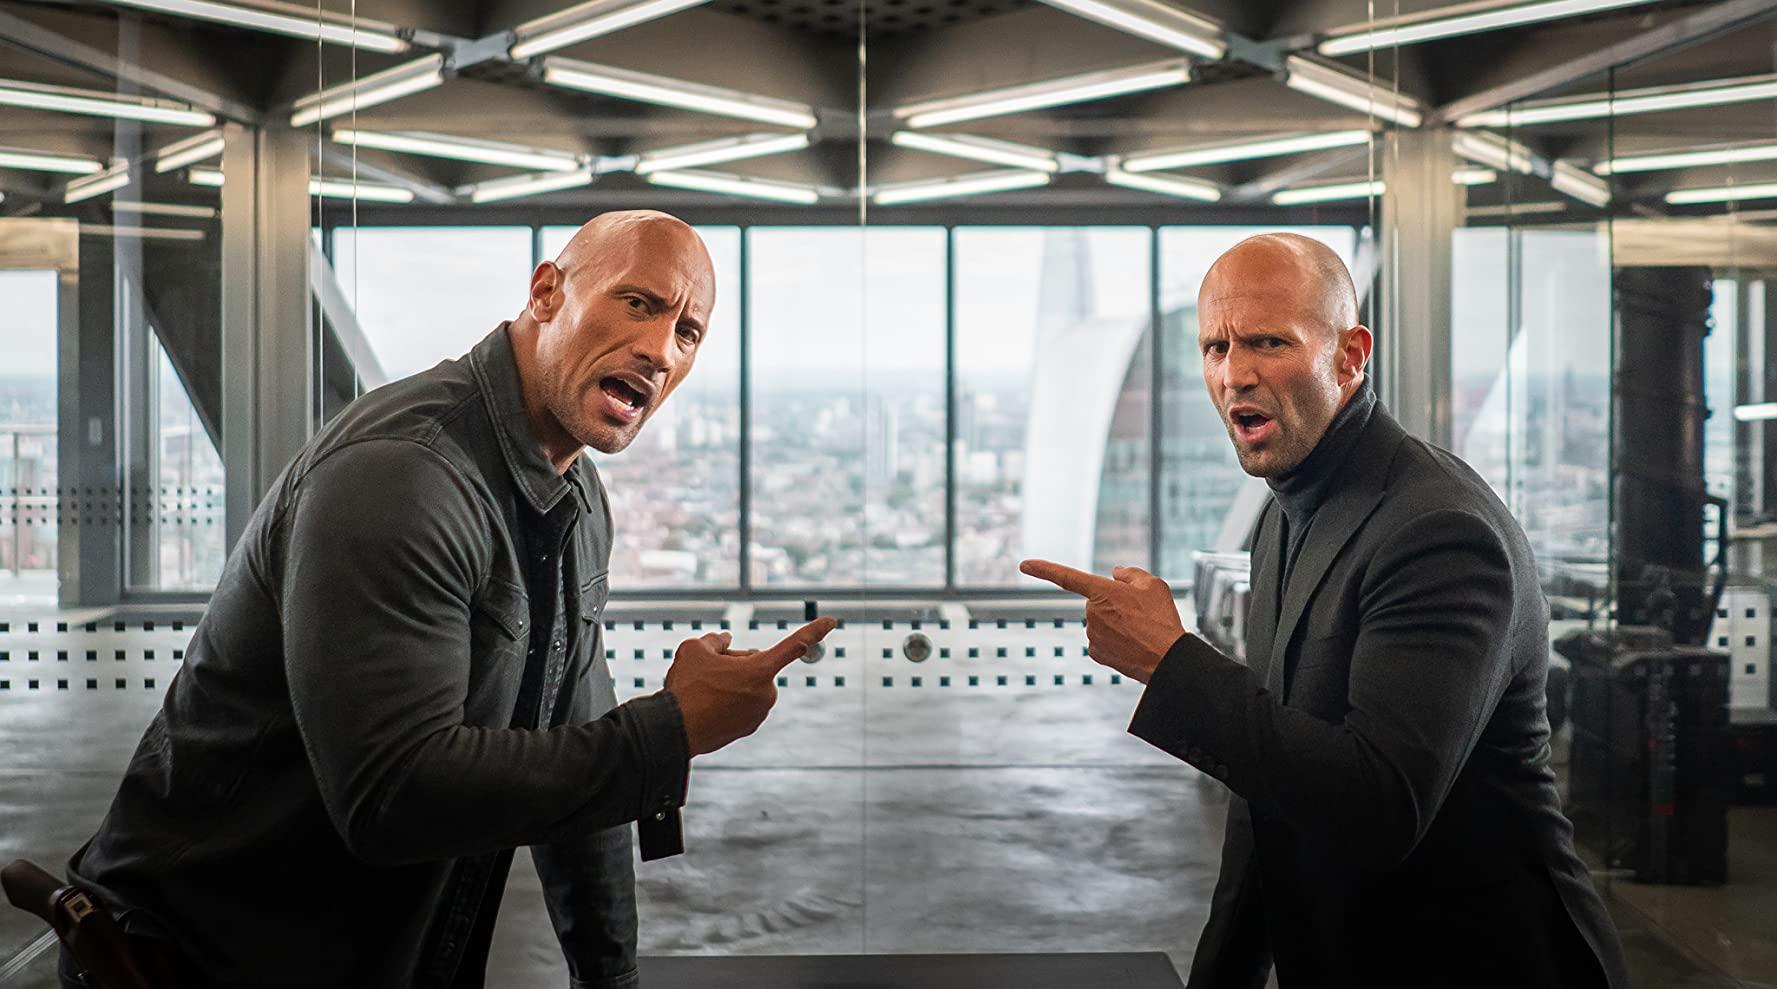 مشاهدة فيلم Fast and Furious Presents Hobbs and Shaw (2019) مترجم HD اون لاين